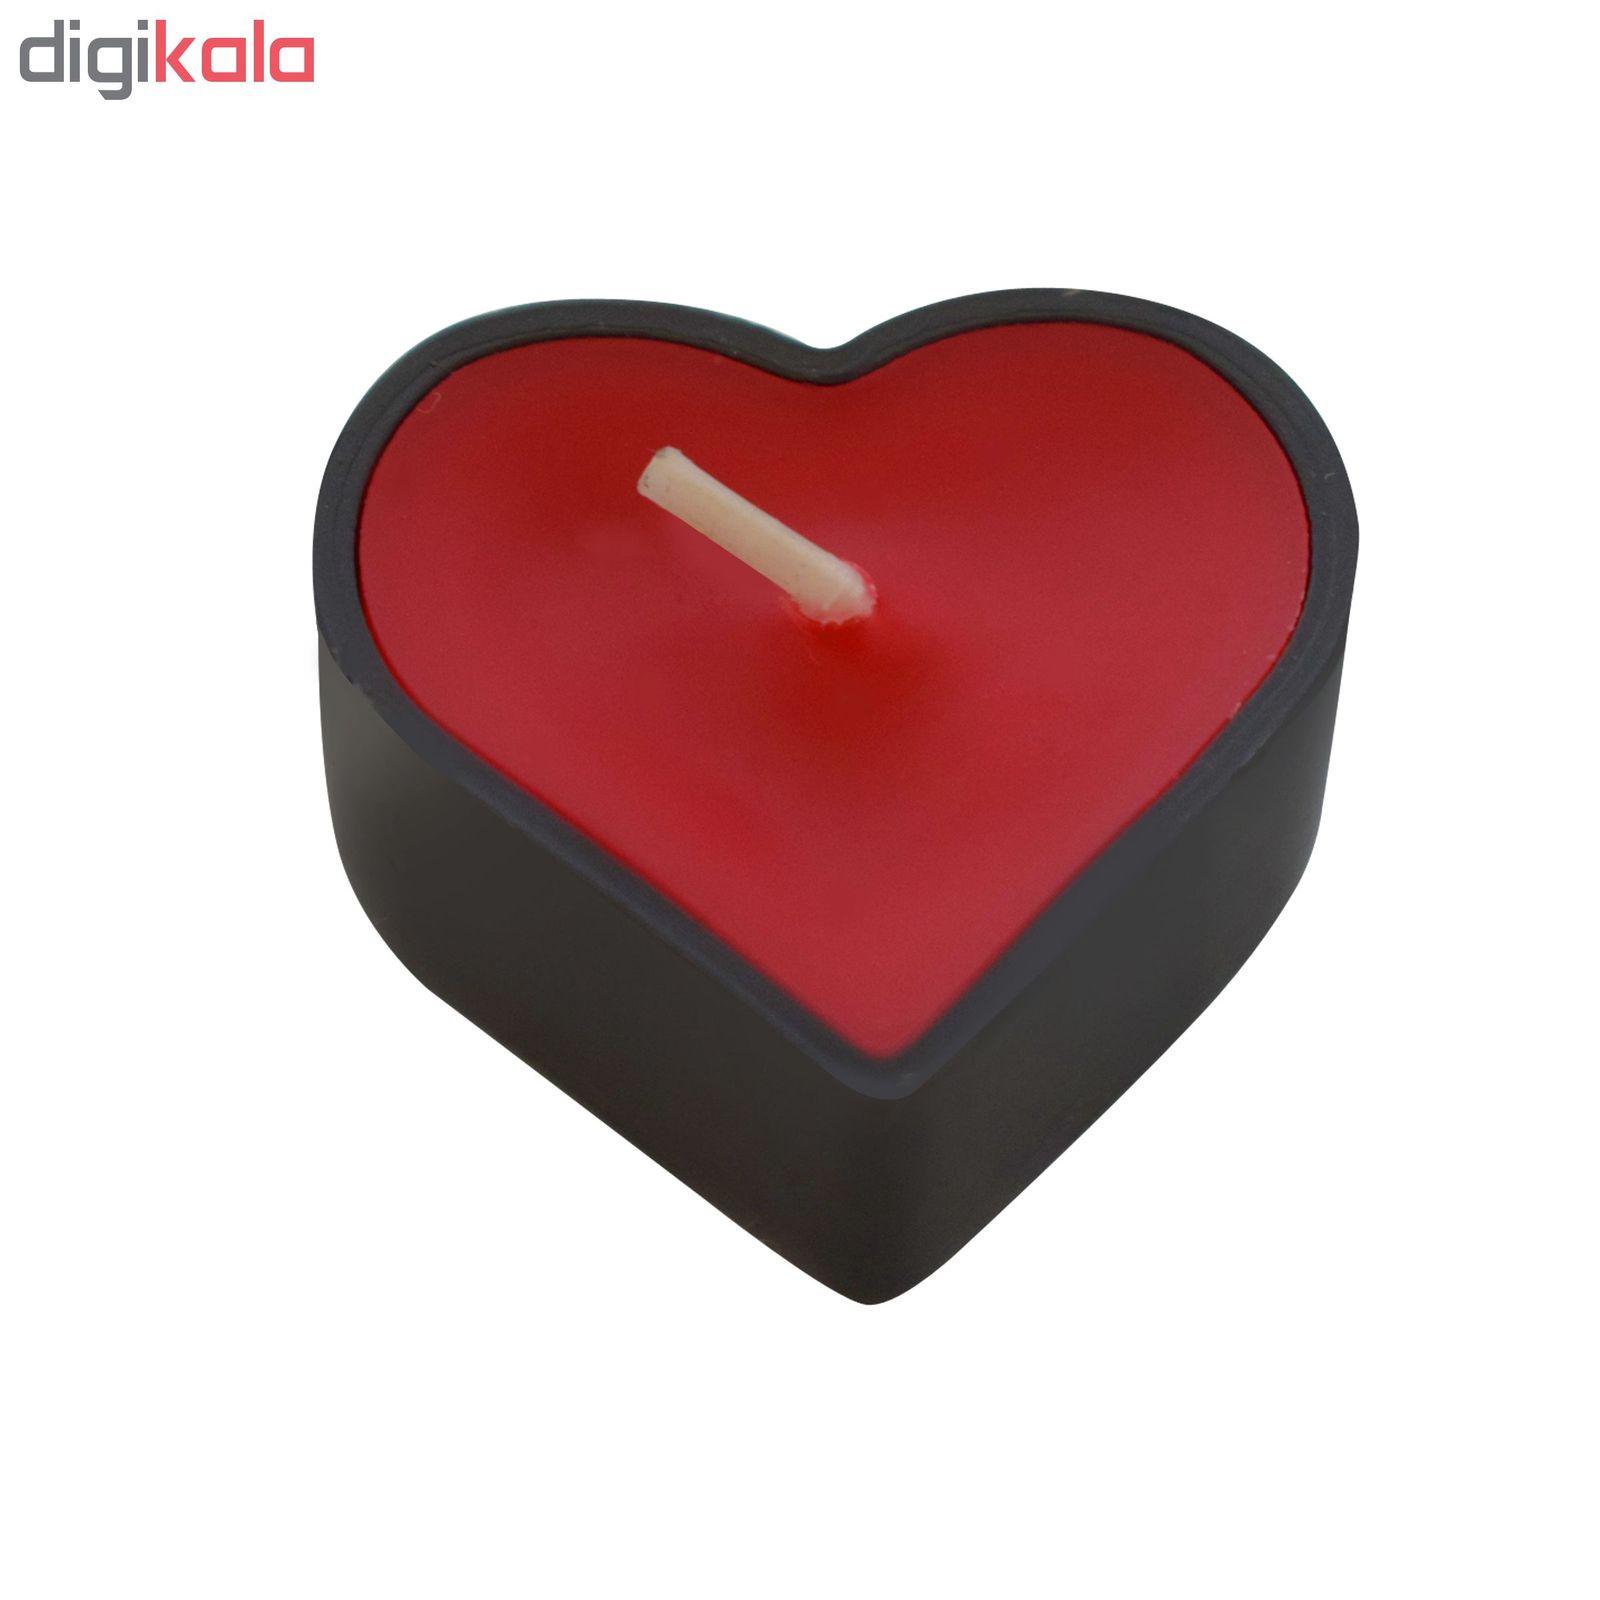 شمع وارمر مدل قلب 001 بسته 6 عددی main 1 2